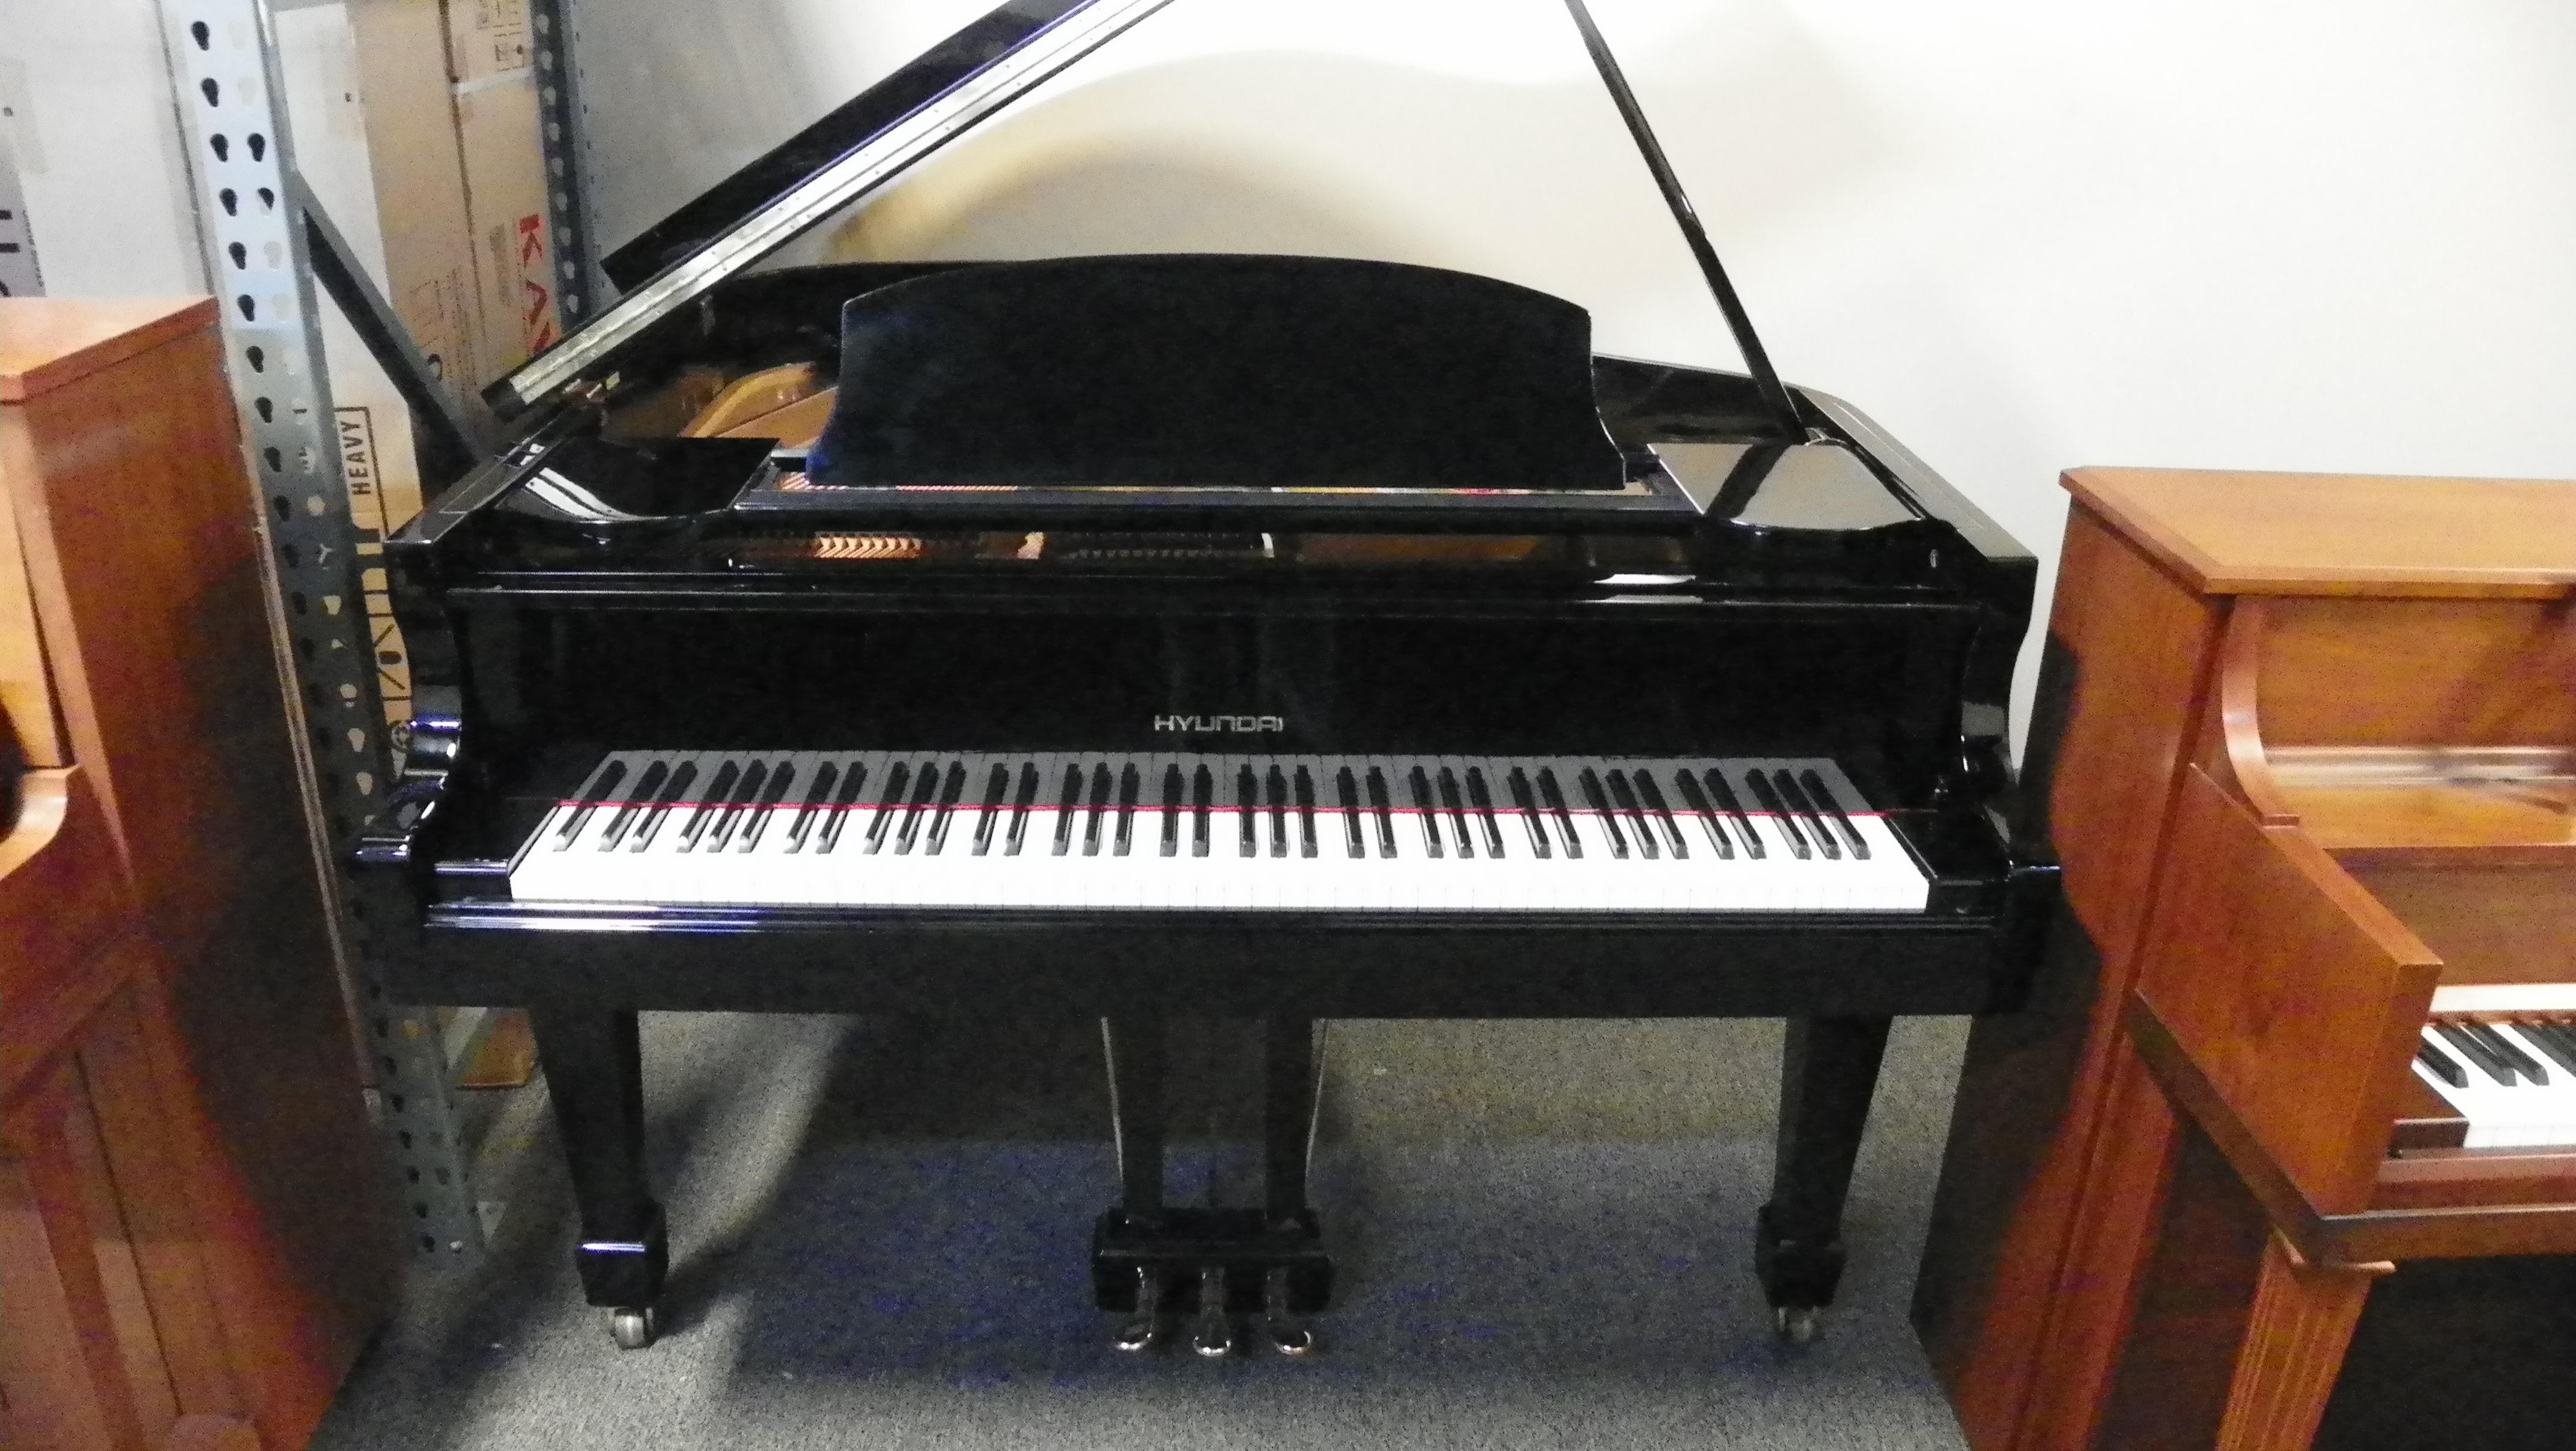 Hyundai Piano | England Piano